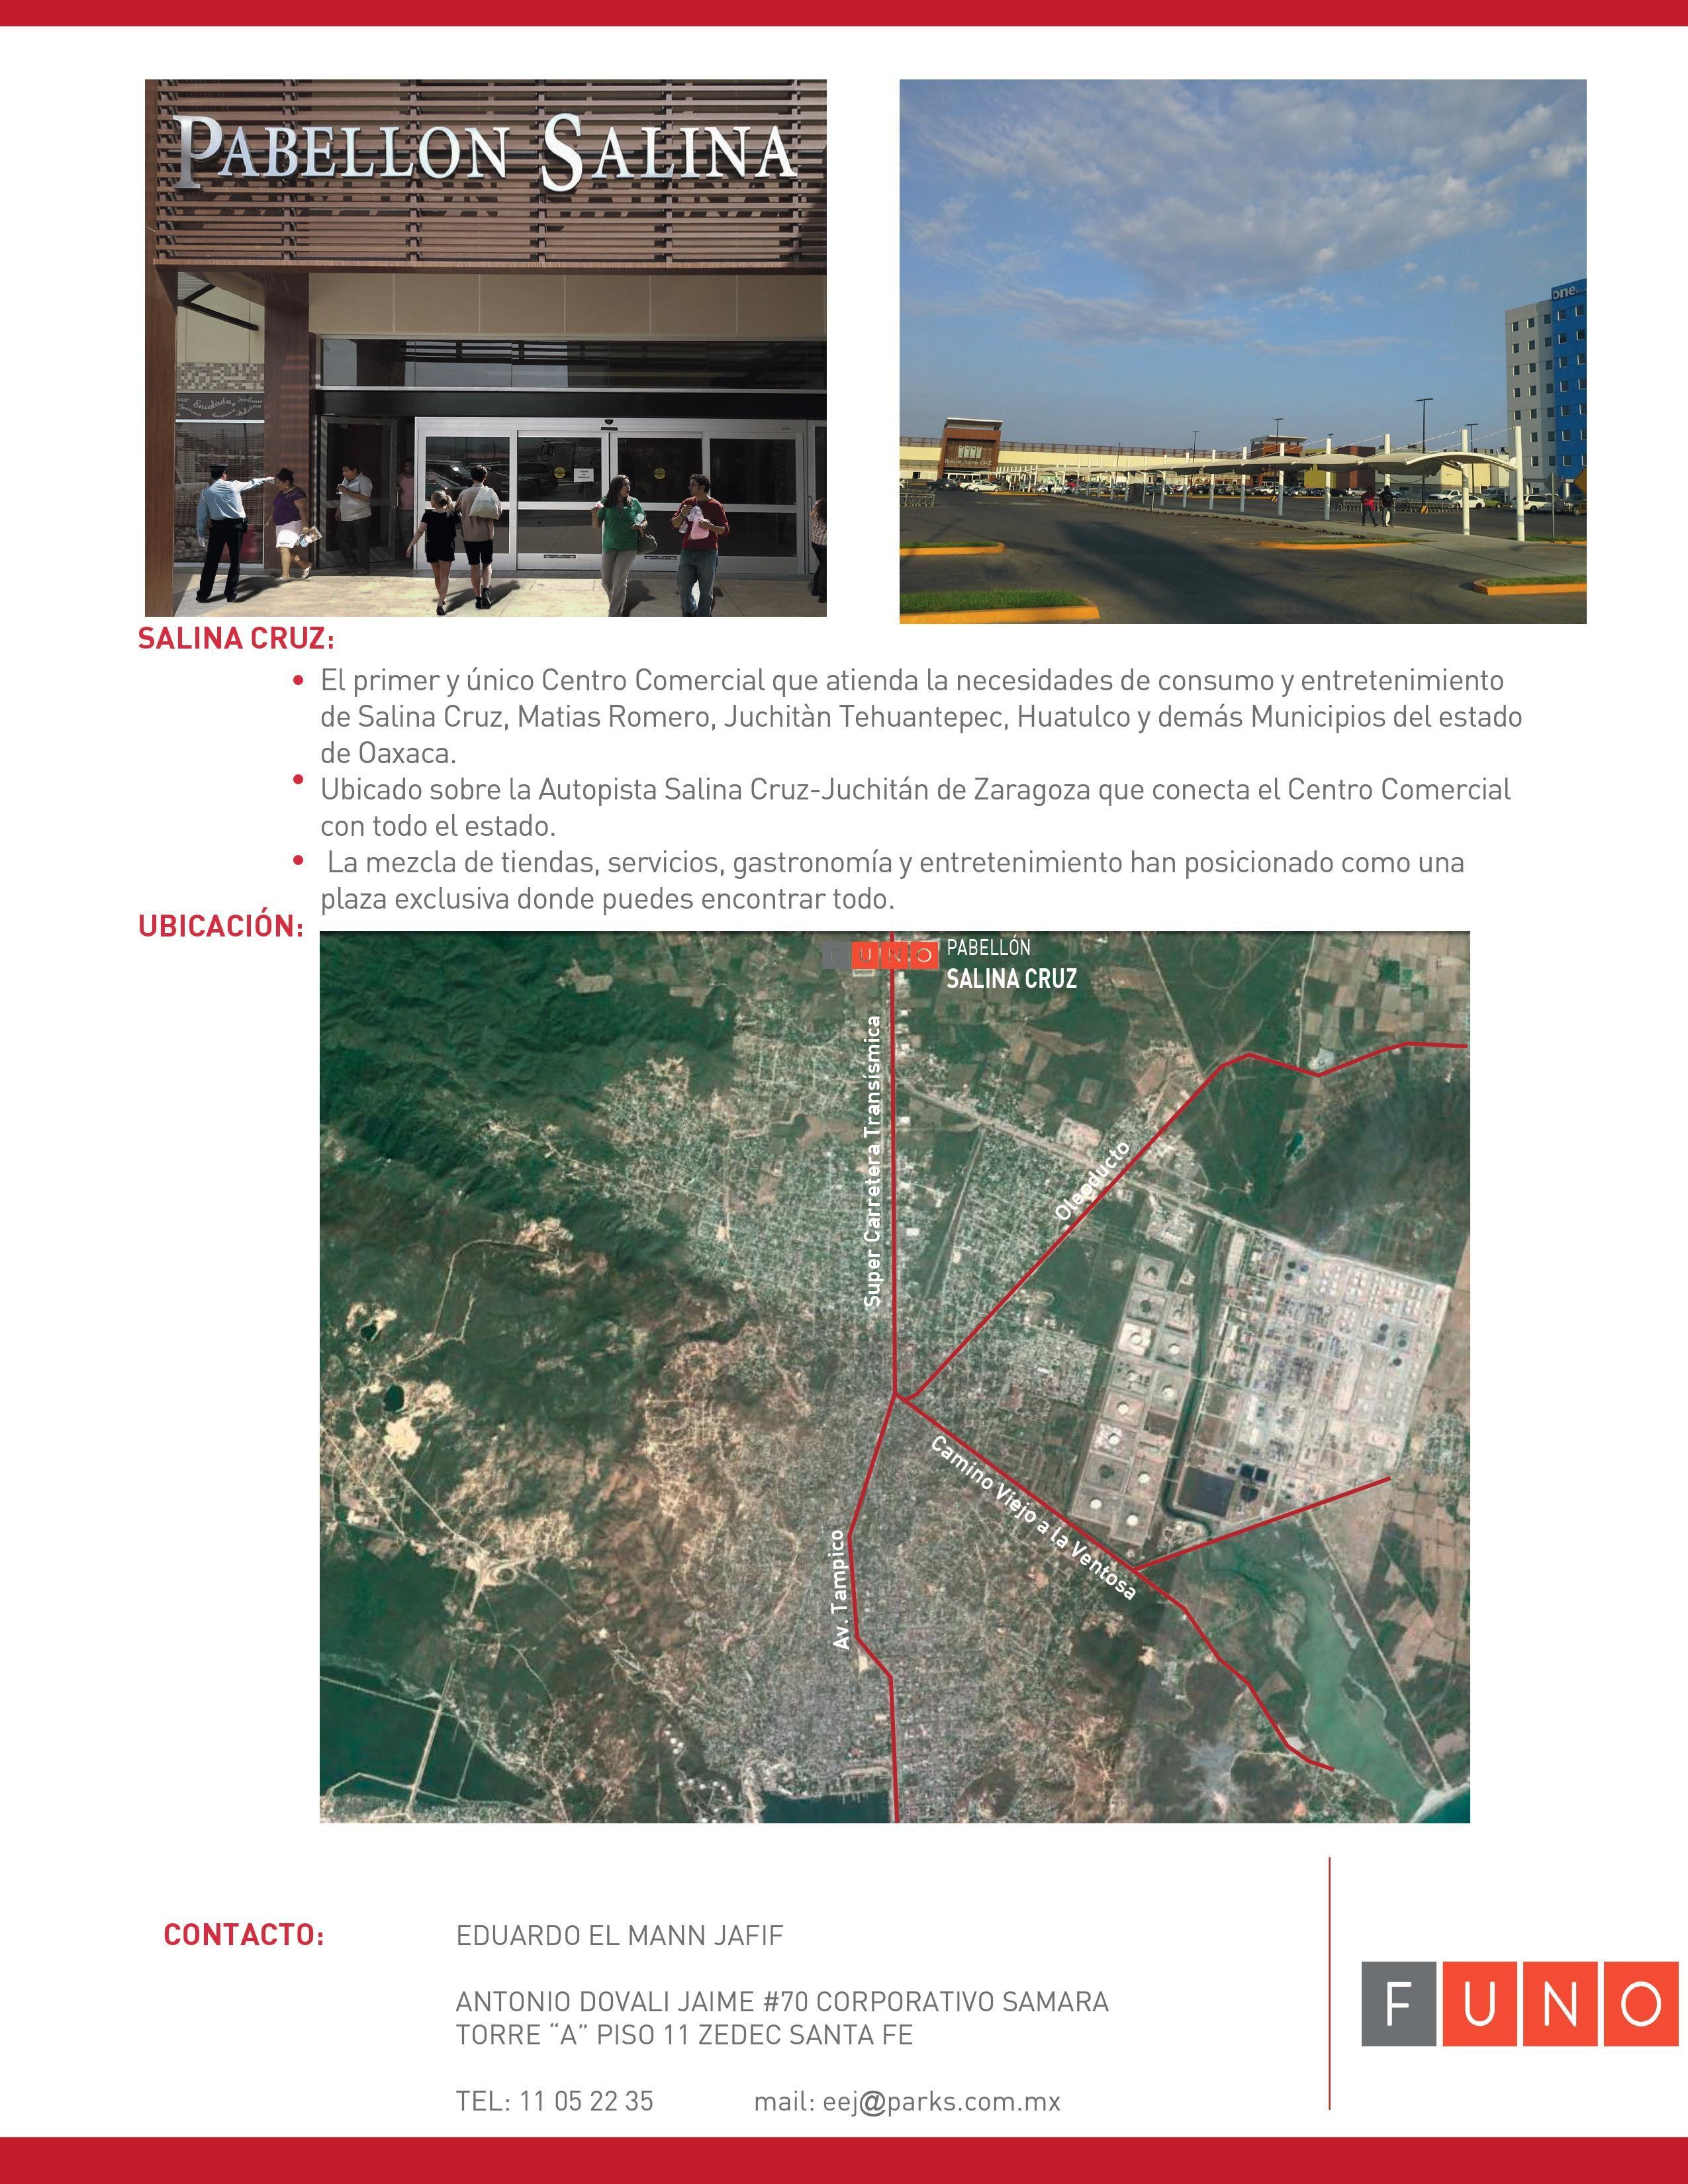 Co-Brochure Pabellón Salina Cruz (2)